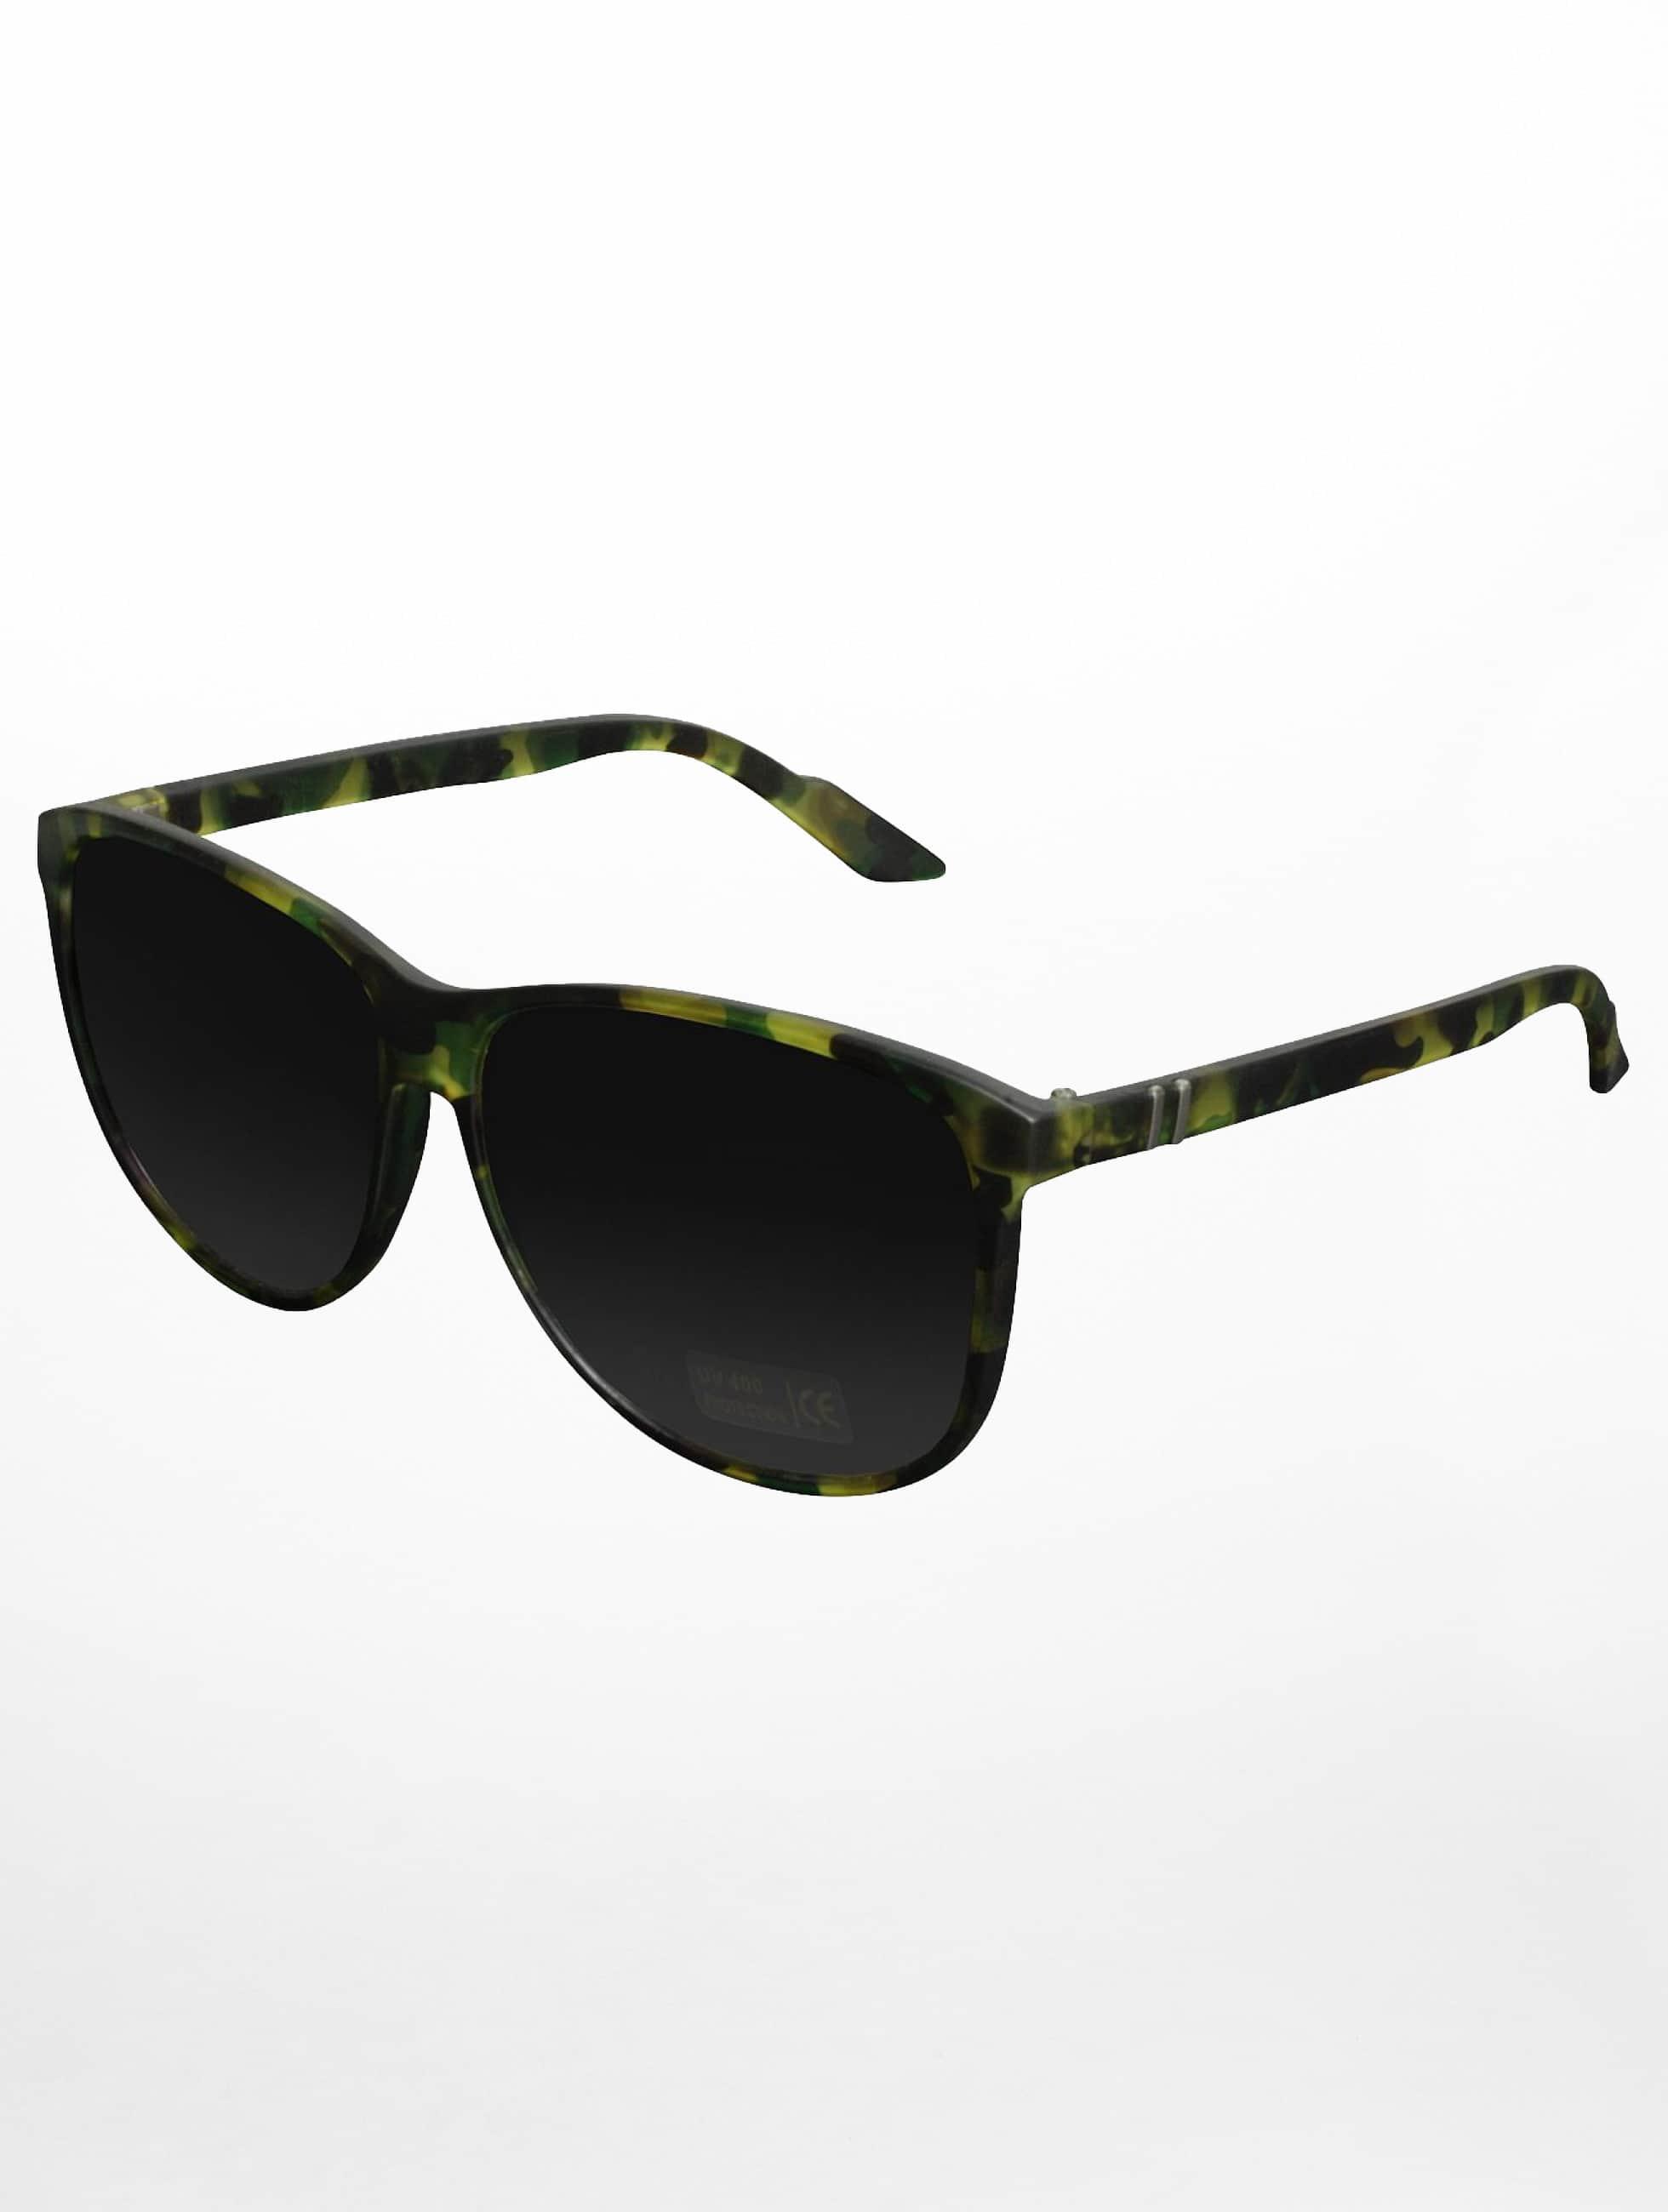 MSTRDS Sonnenbrille Chirwa camouflage